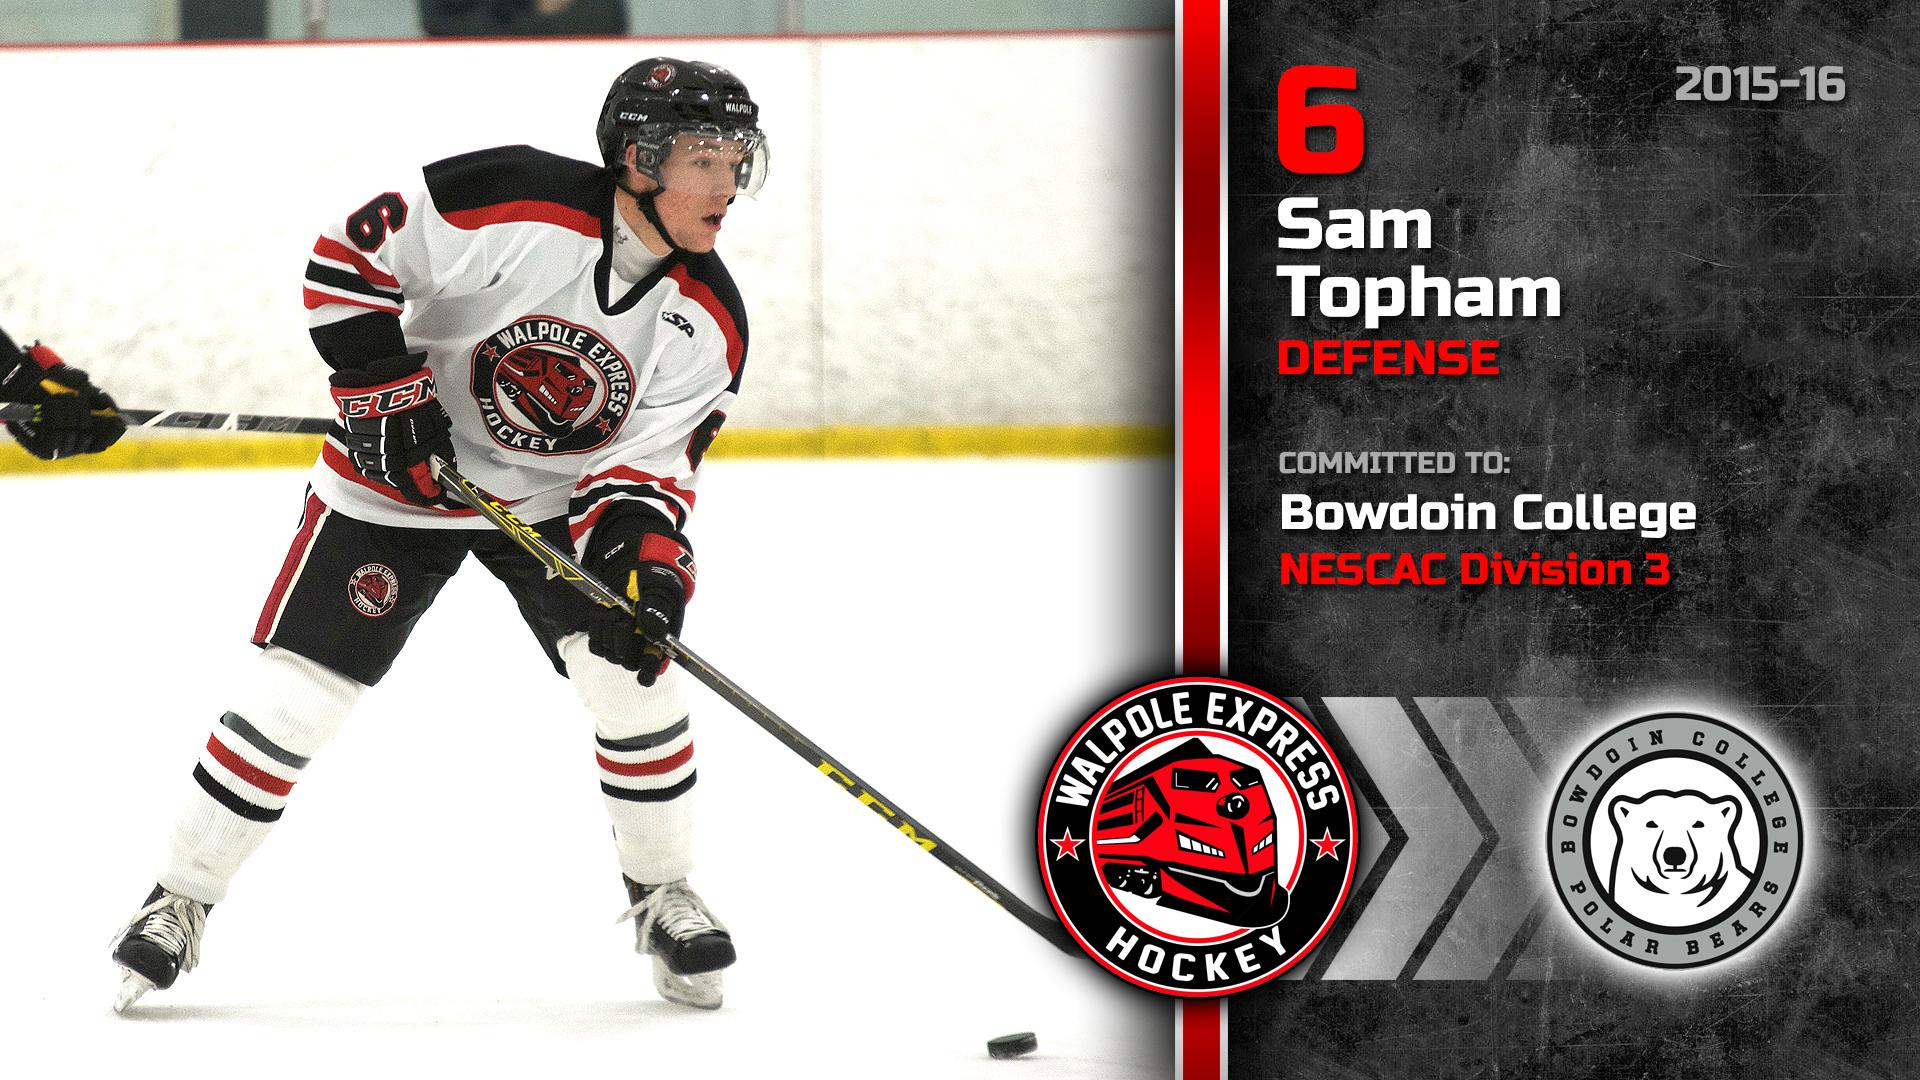 Sam Topham